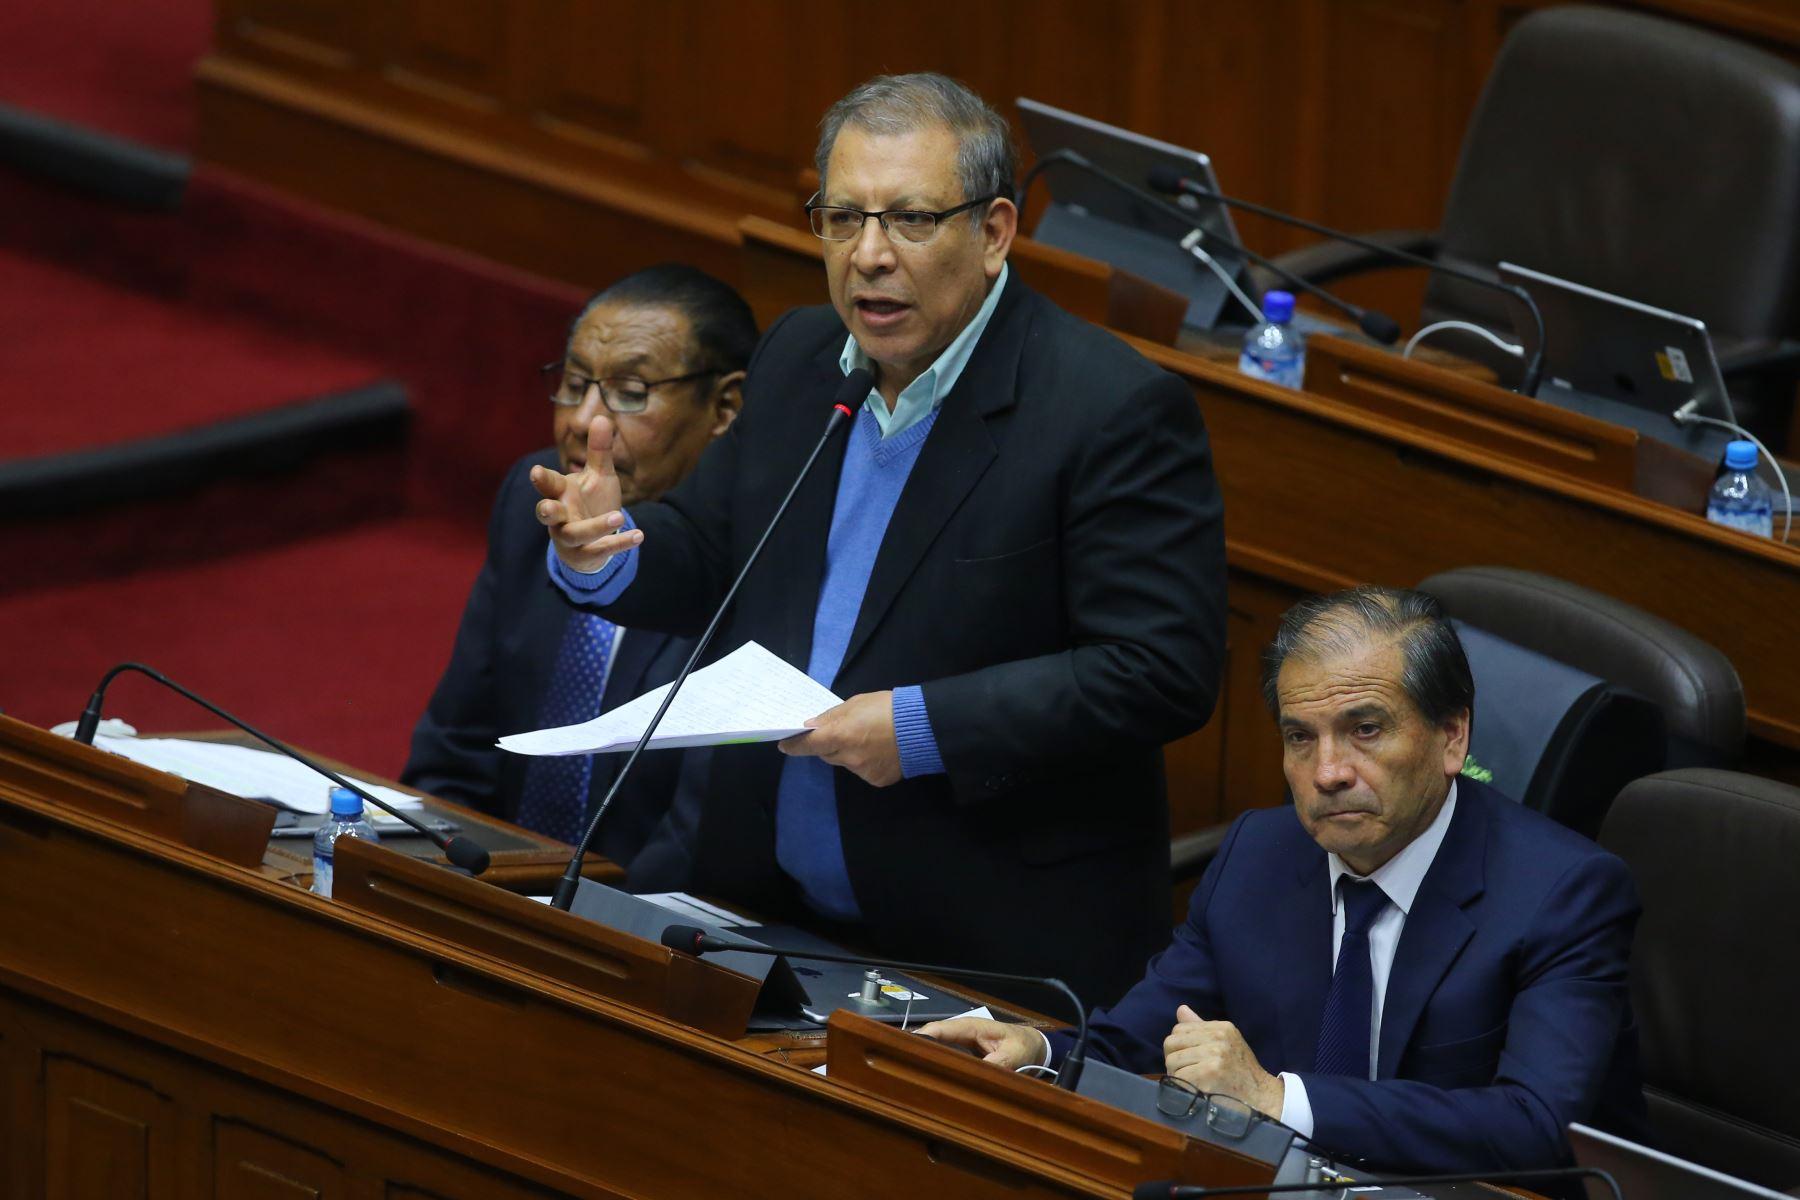 Congresista Marco Arana interviene en el debate sobre la cuestión de confianza en el Congreso de la República. Foto: ANDINA/Vidal Tarqui